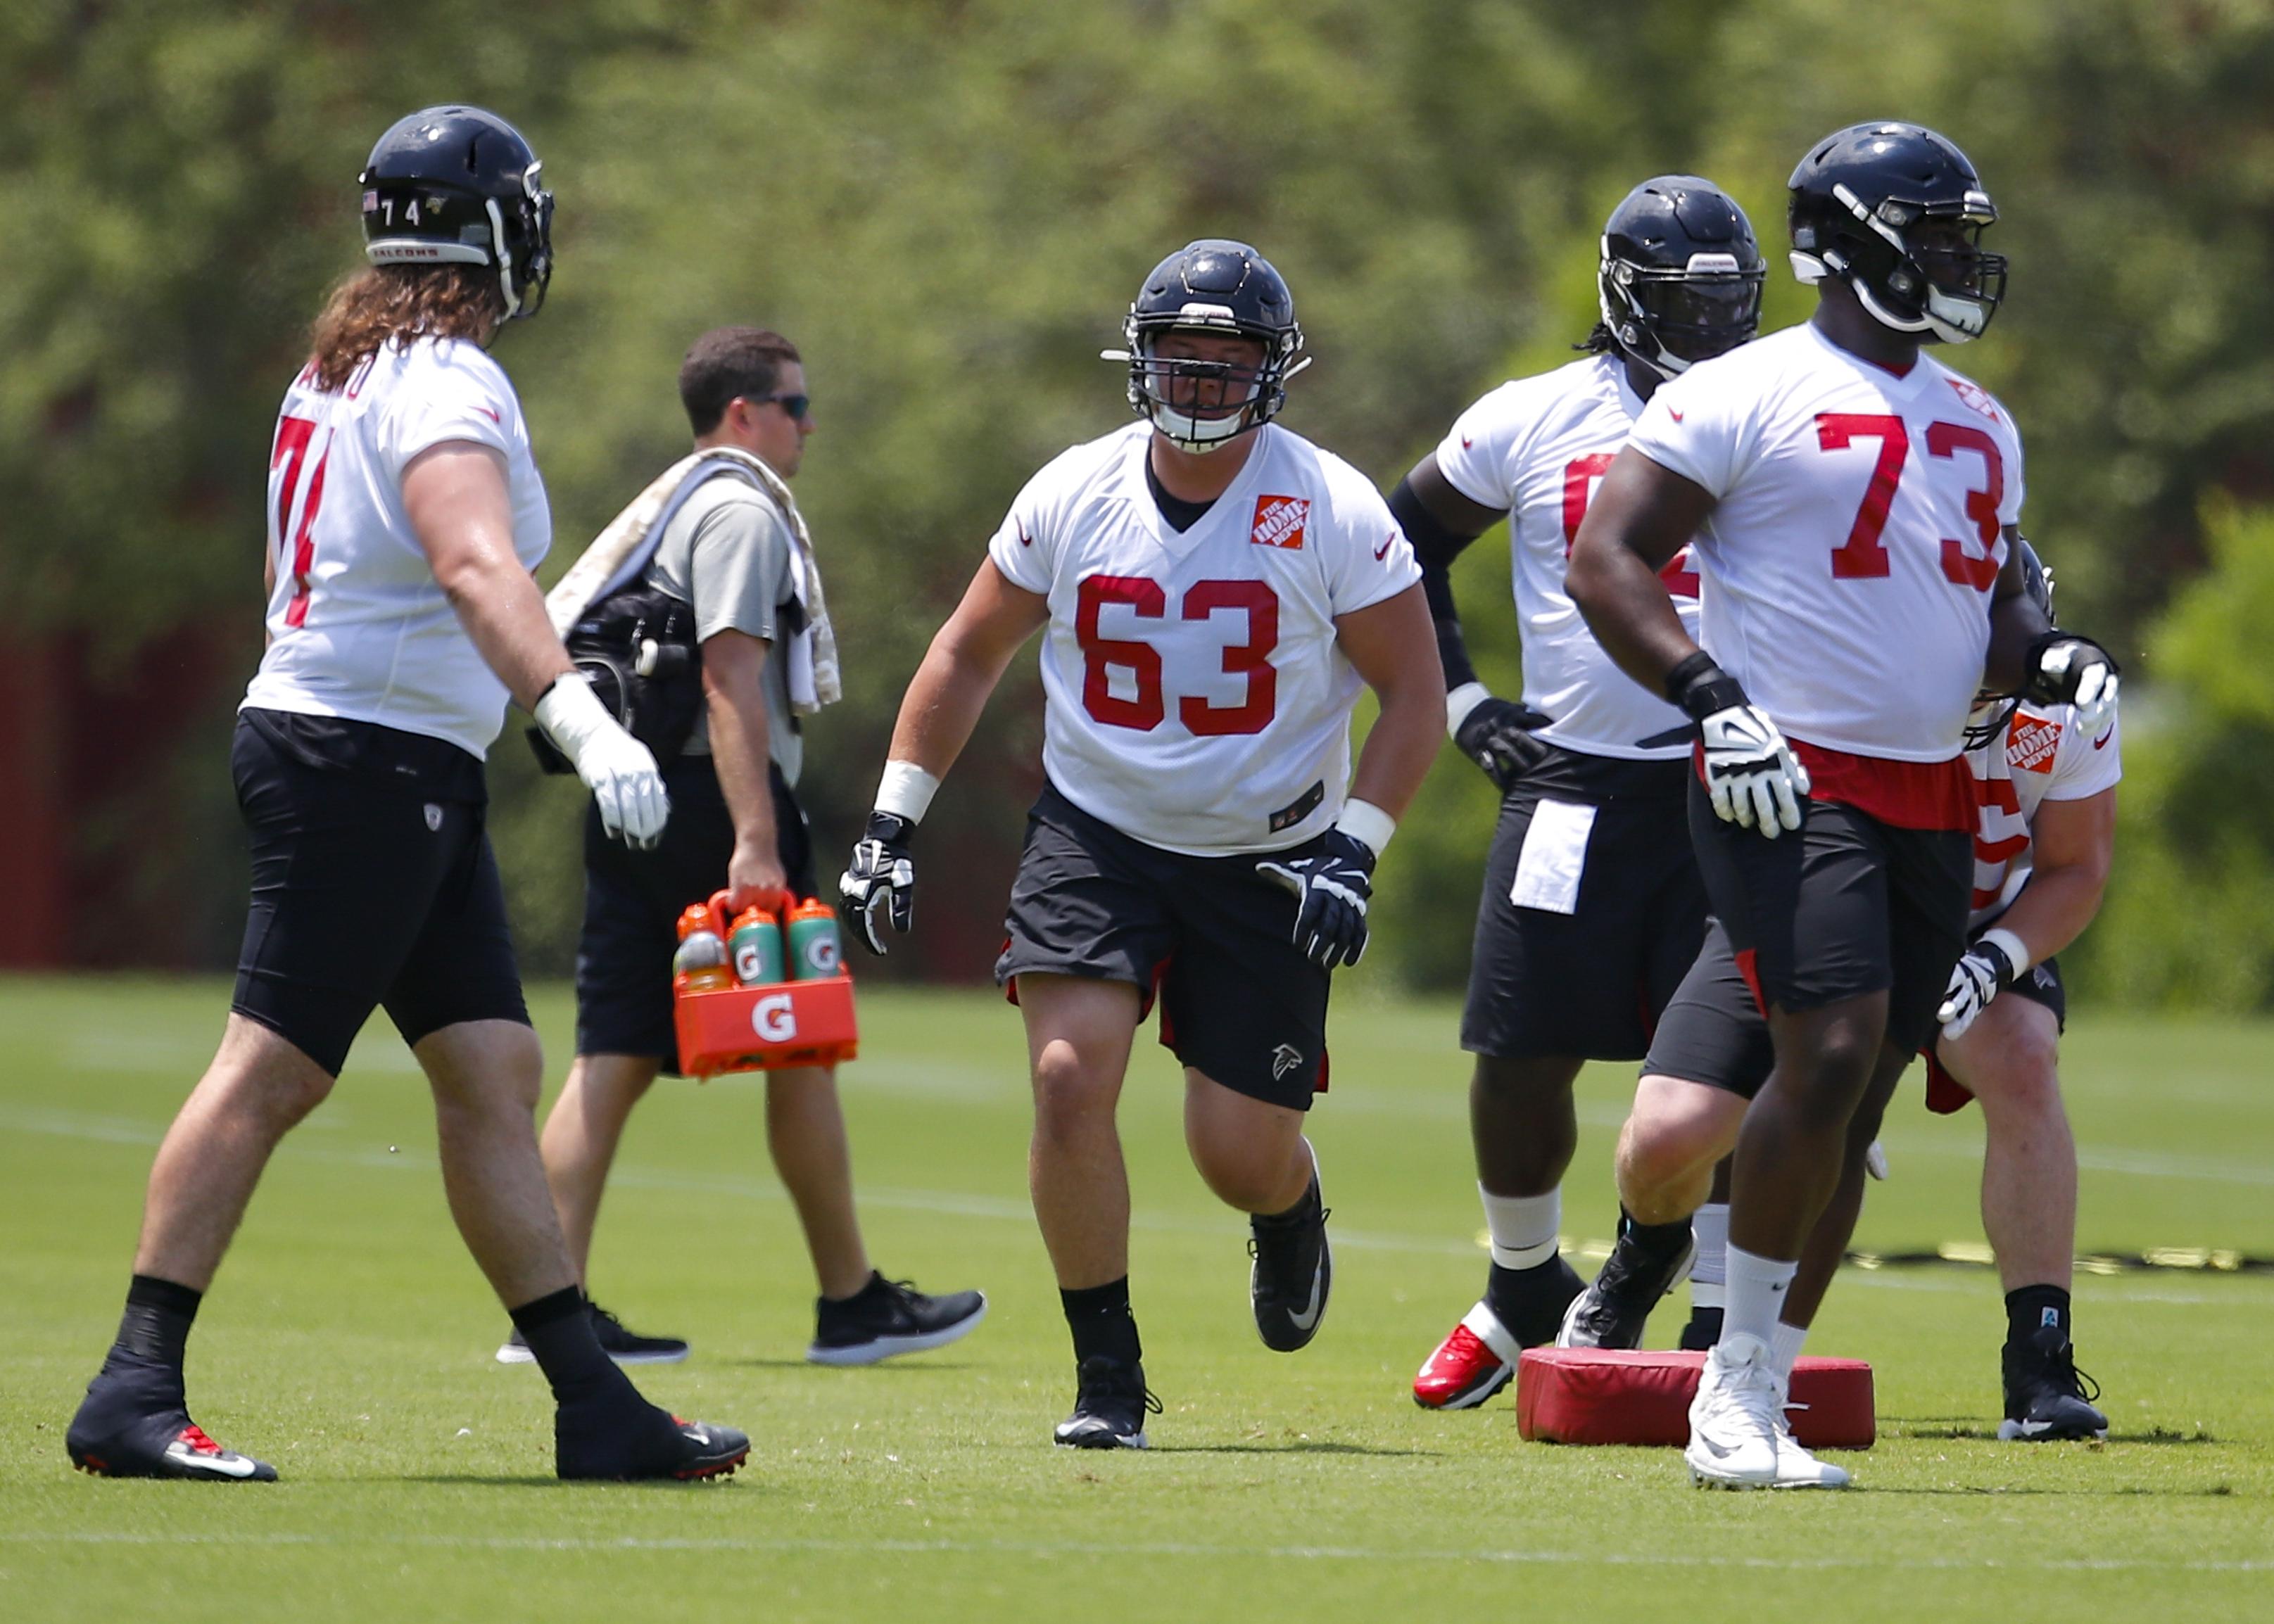 NFL: JUN 11 Atlanta Falcons Minicamp